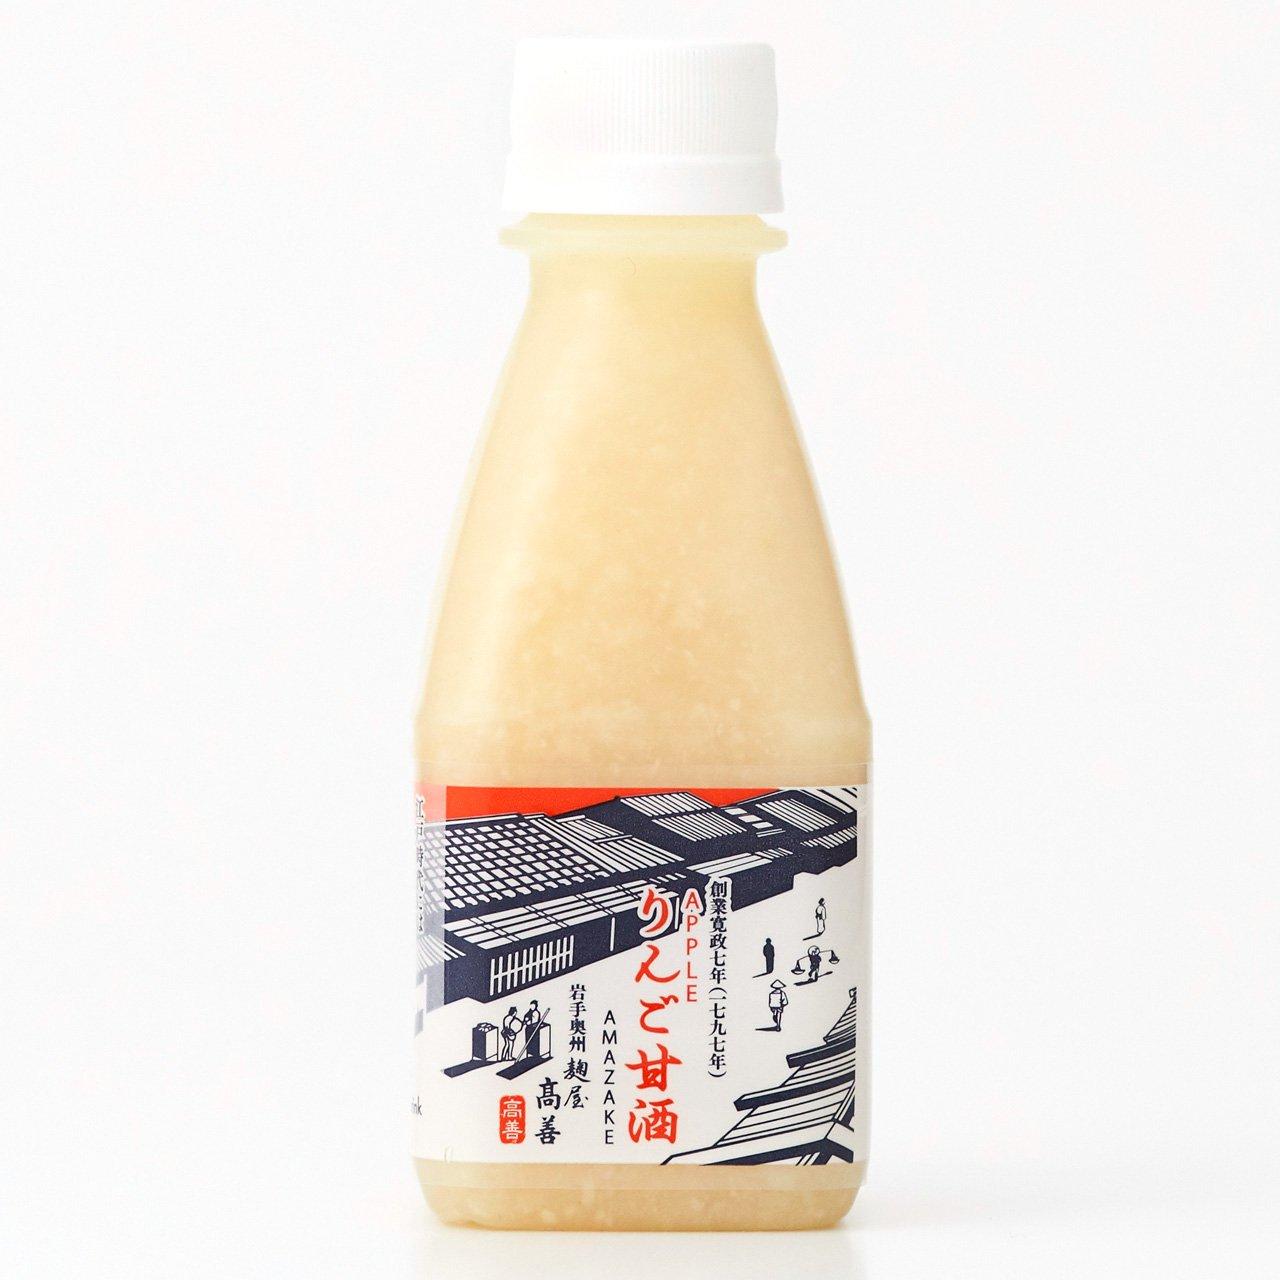 江刺りんご甘酒 200ml(ストレートタイプ)